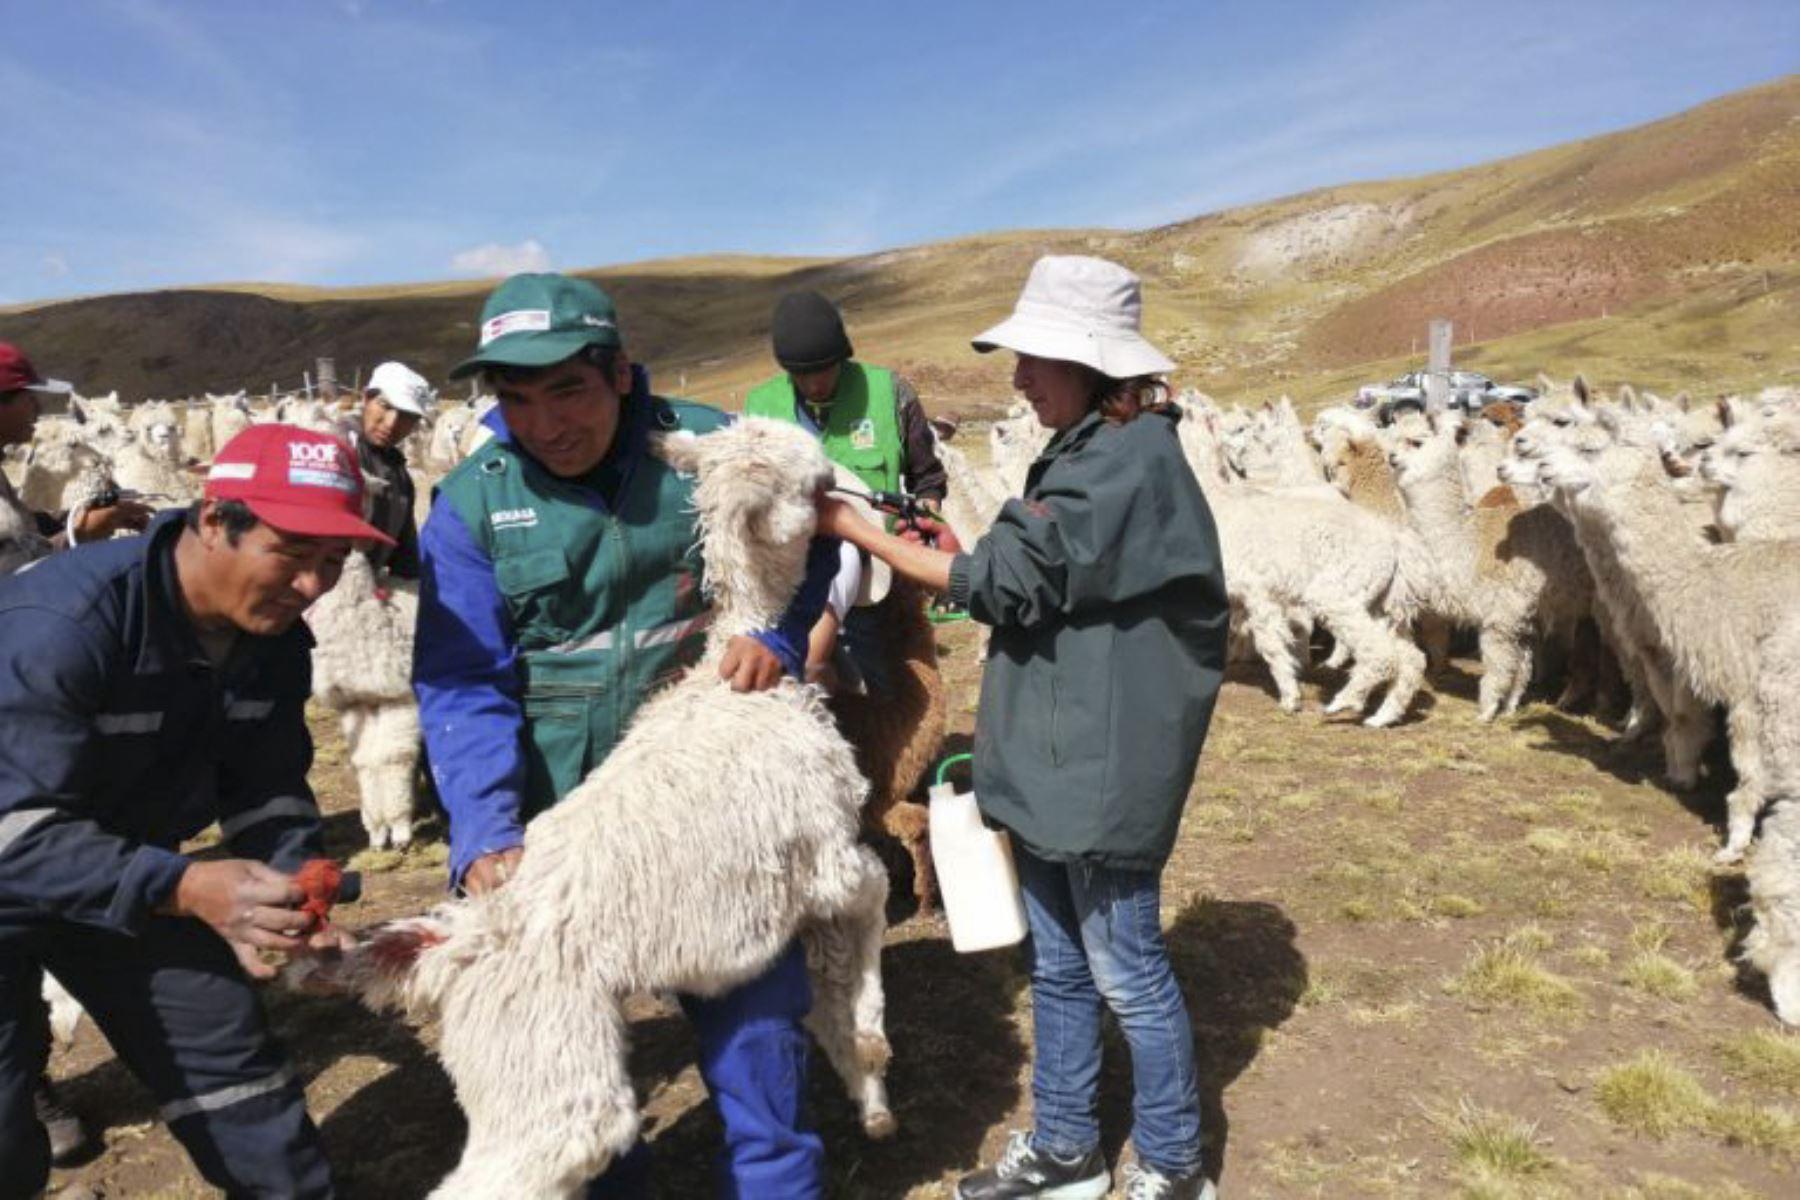 Agro Rural entregará 1,280 kits veterinarios en 14 distritos de 5 provincias apurimeñas. Foto: ANDINA/Difusión